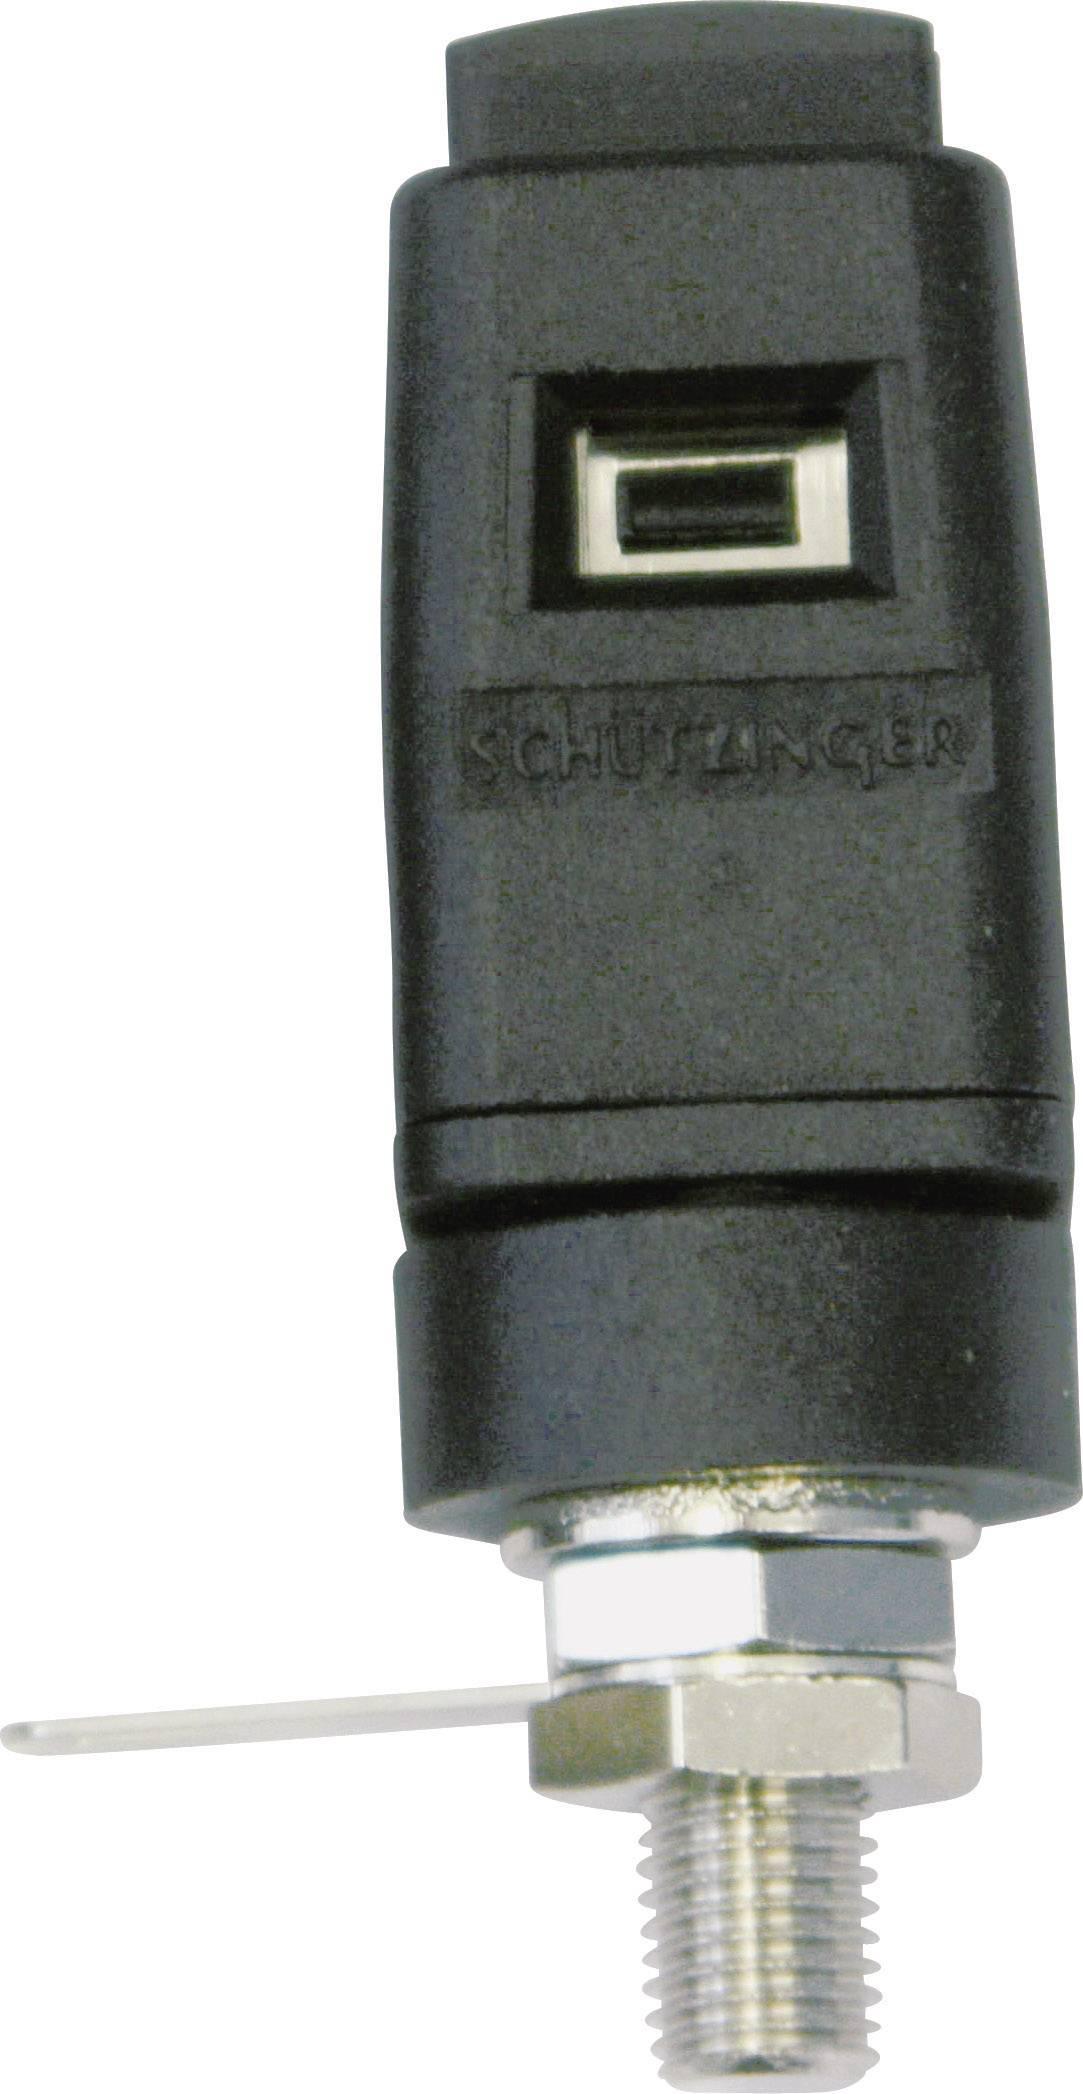 Rýchloupínacia svorka Schützinger 16 A, čierna, 1 ks